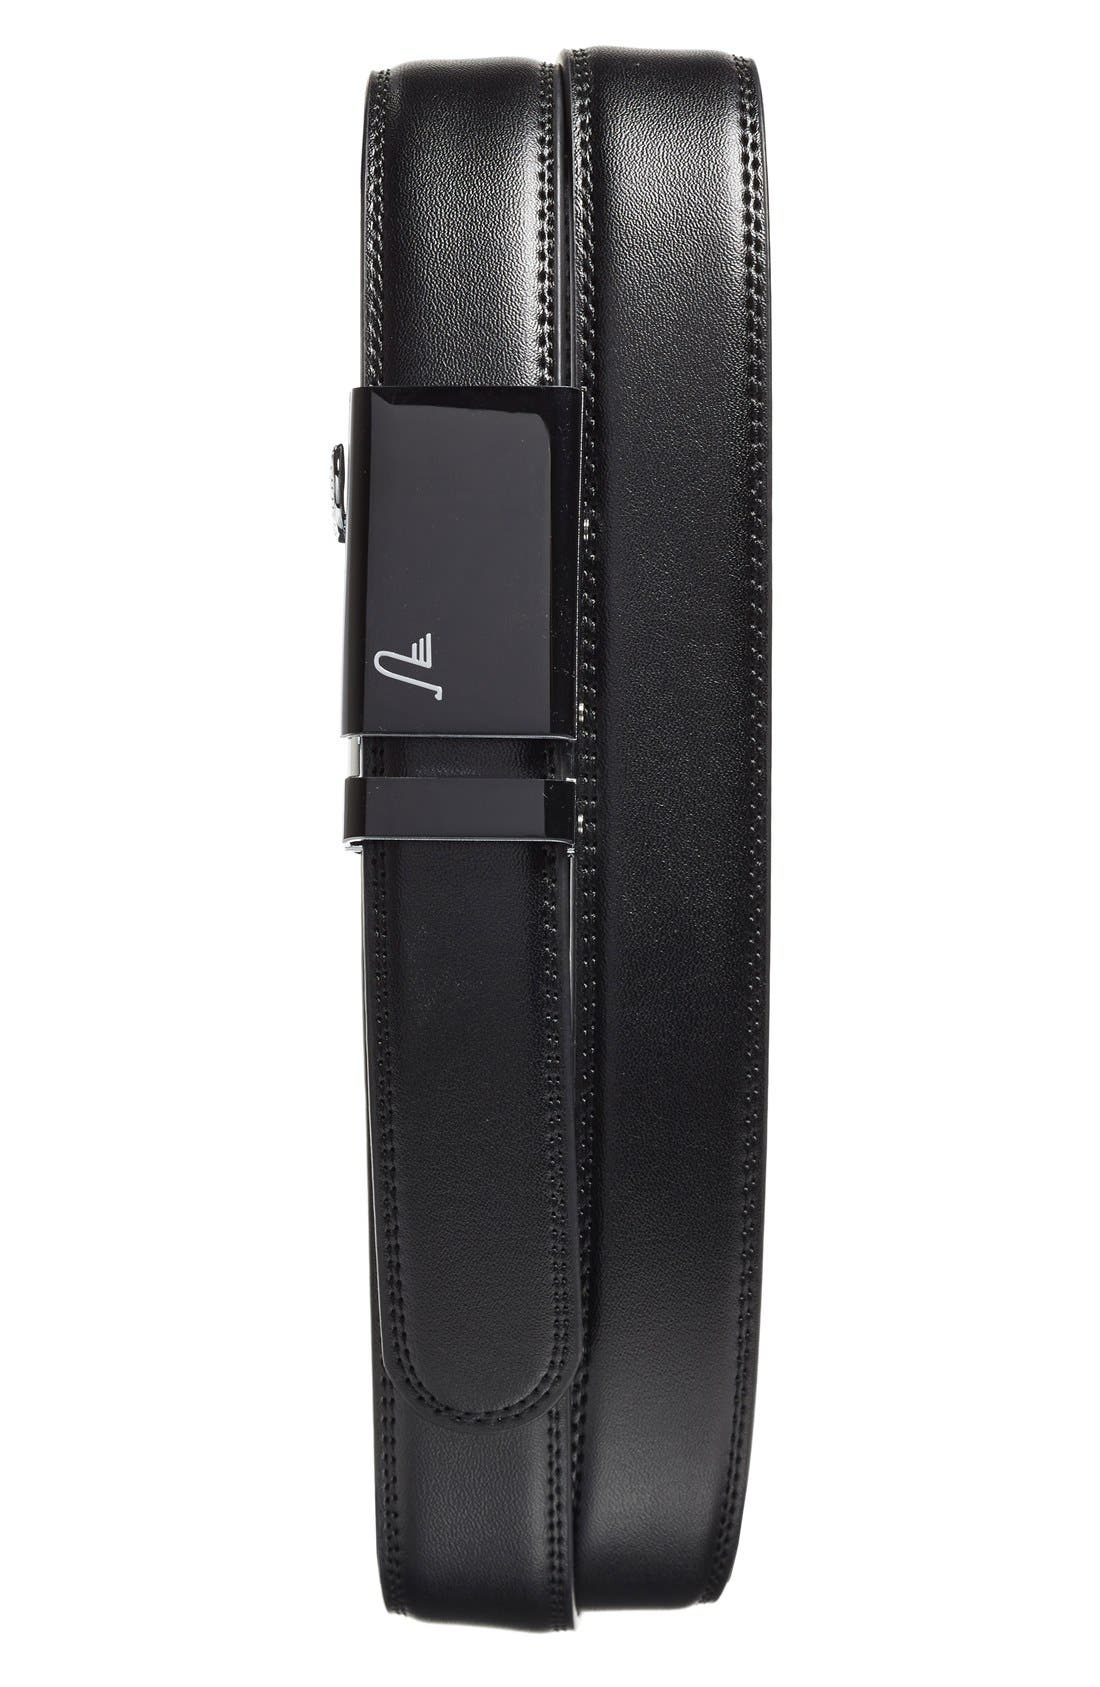 Alternate Image 1 Selected - Mission Belt 'Vader'Leather Belt